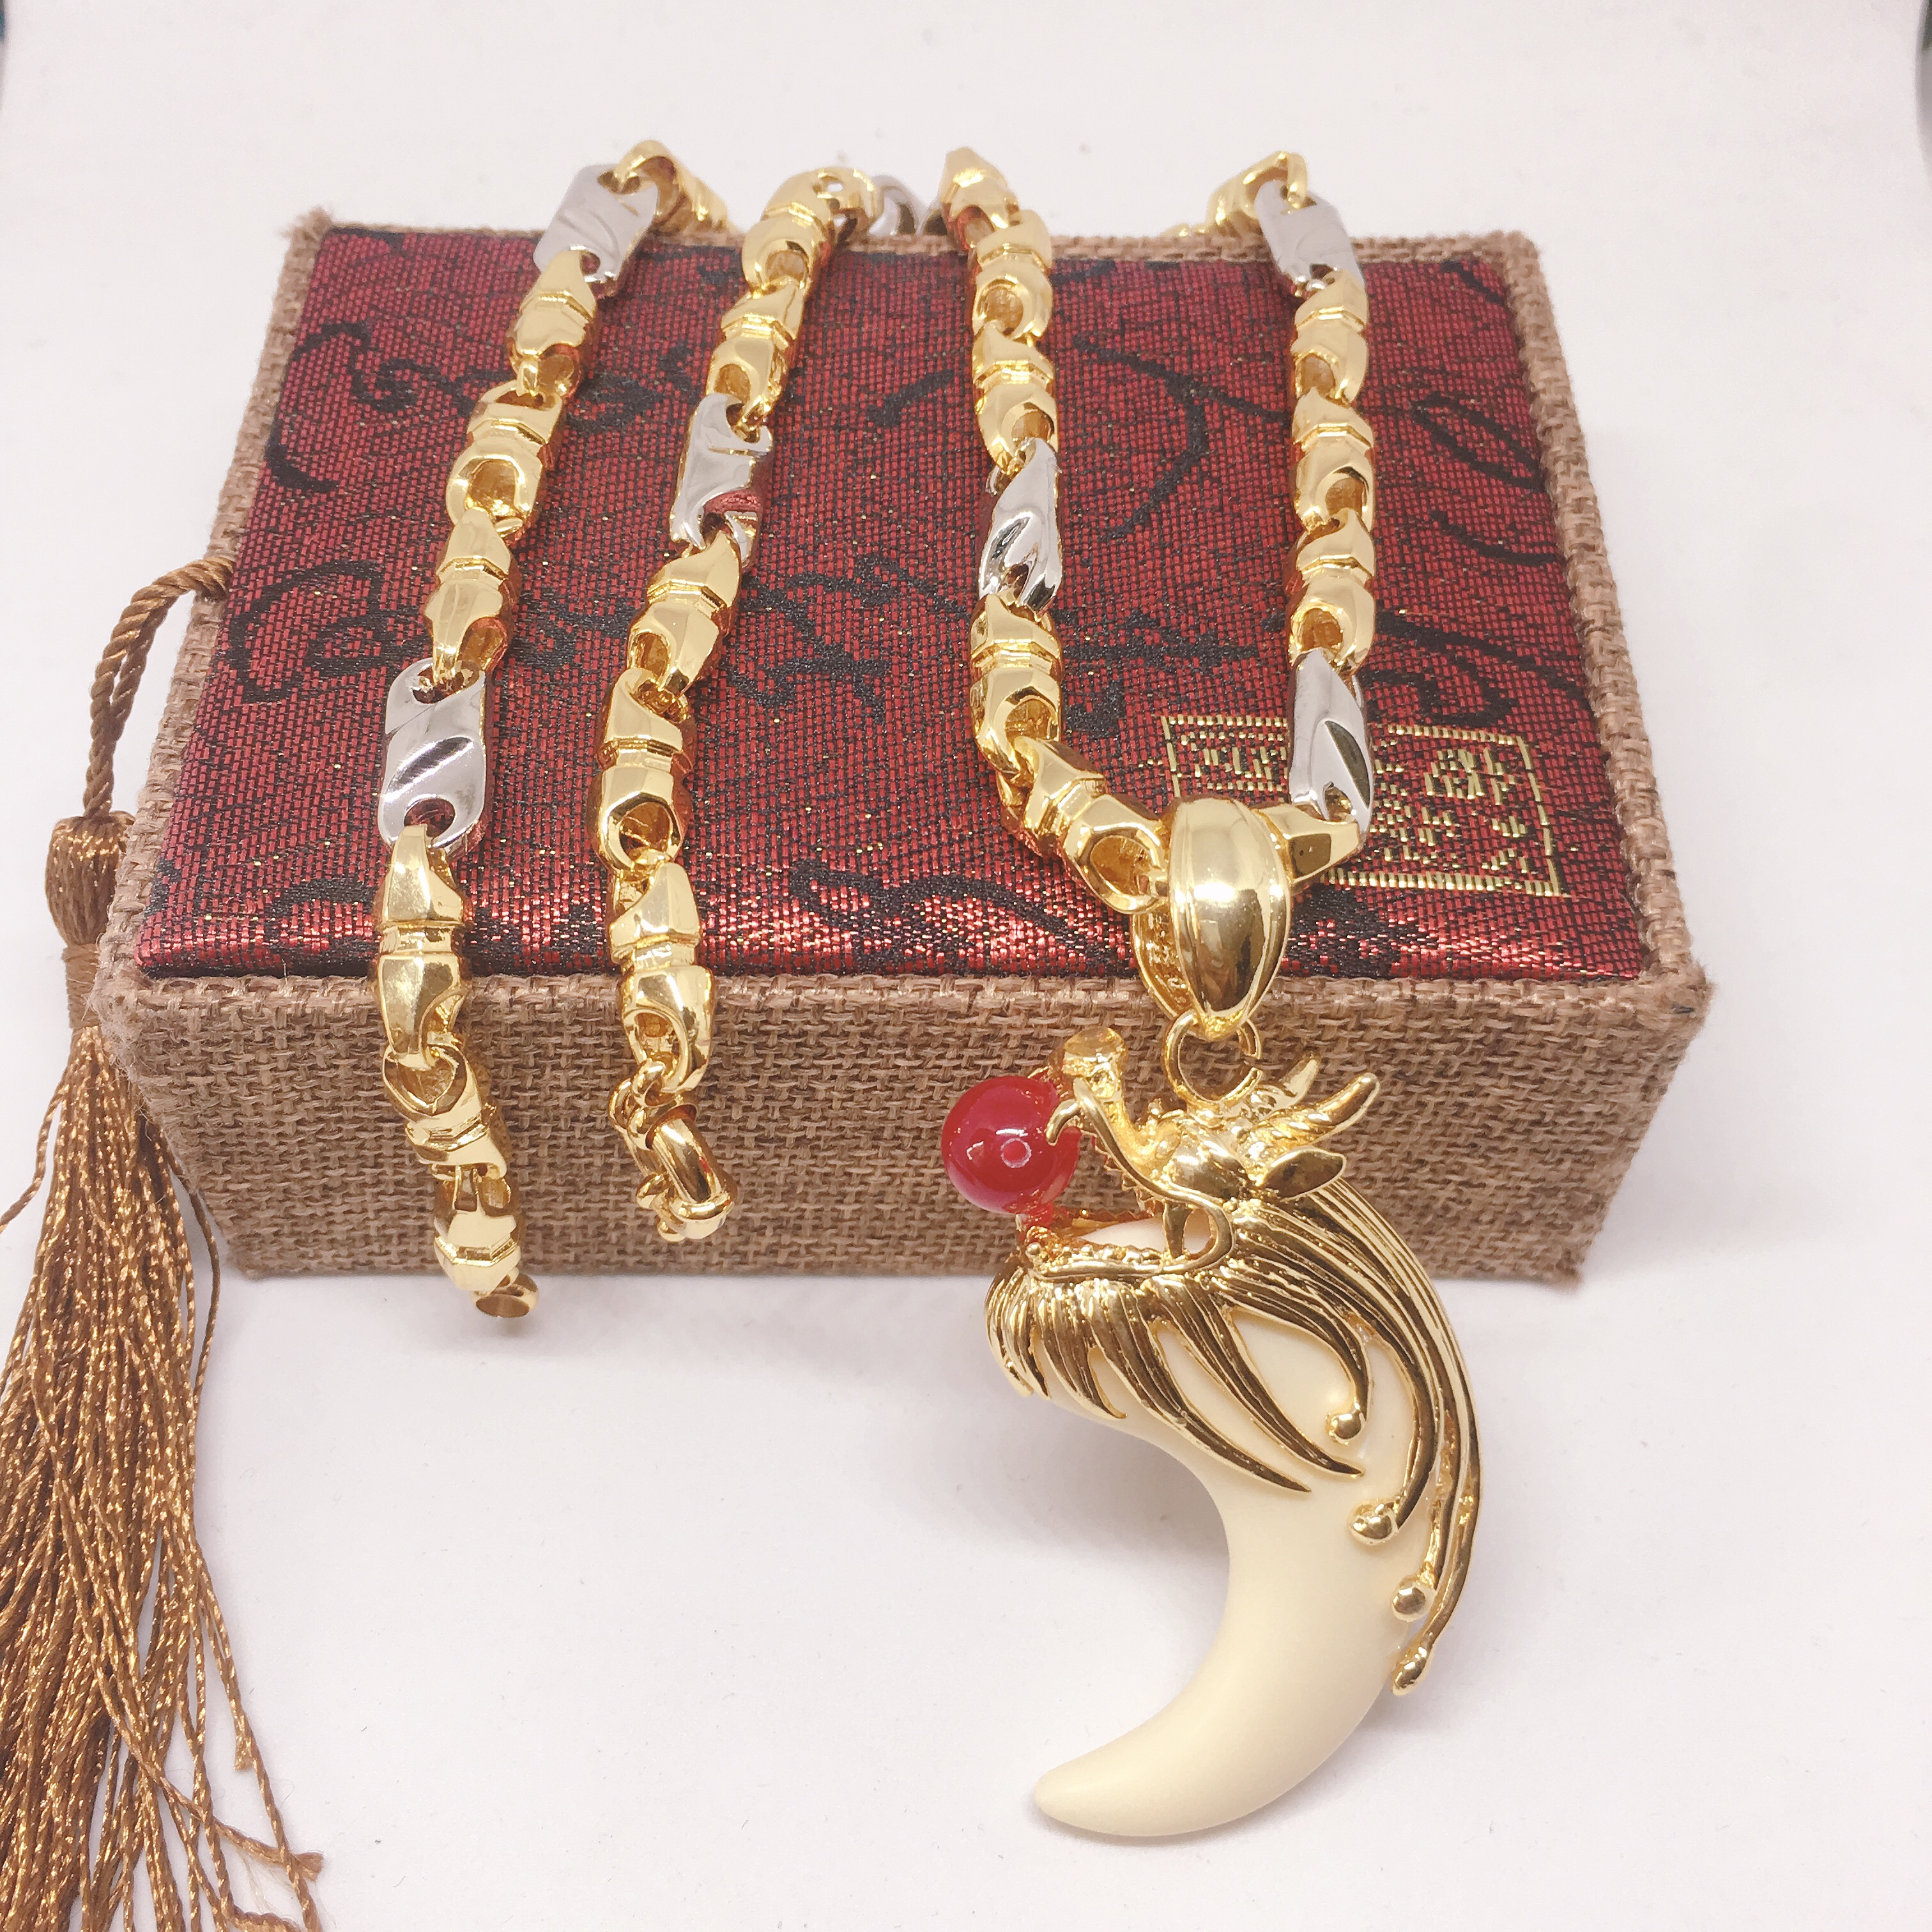 Dây chuyền vàng Thiên Long nam, vòng cổ vàng nam Vàng cao cấp, Bảo tín Jewelry